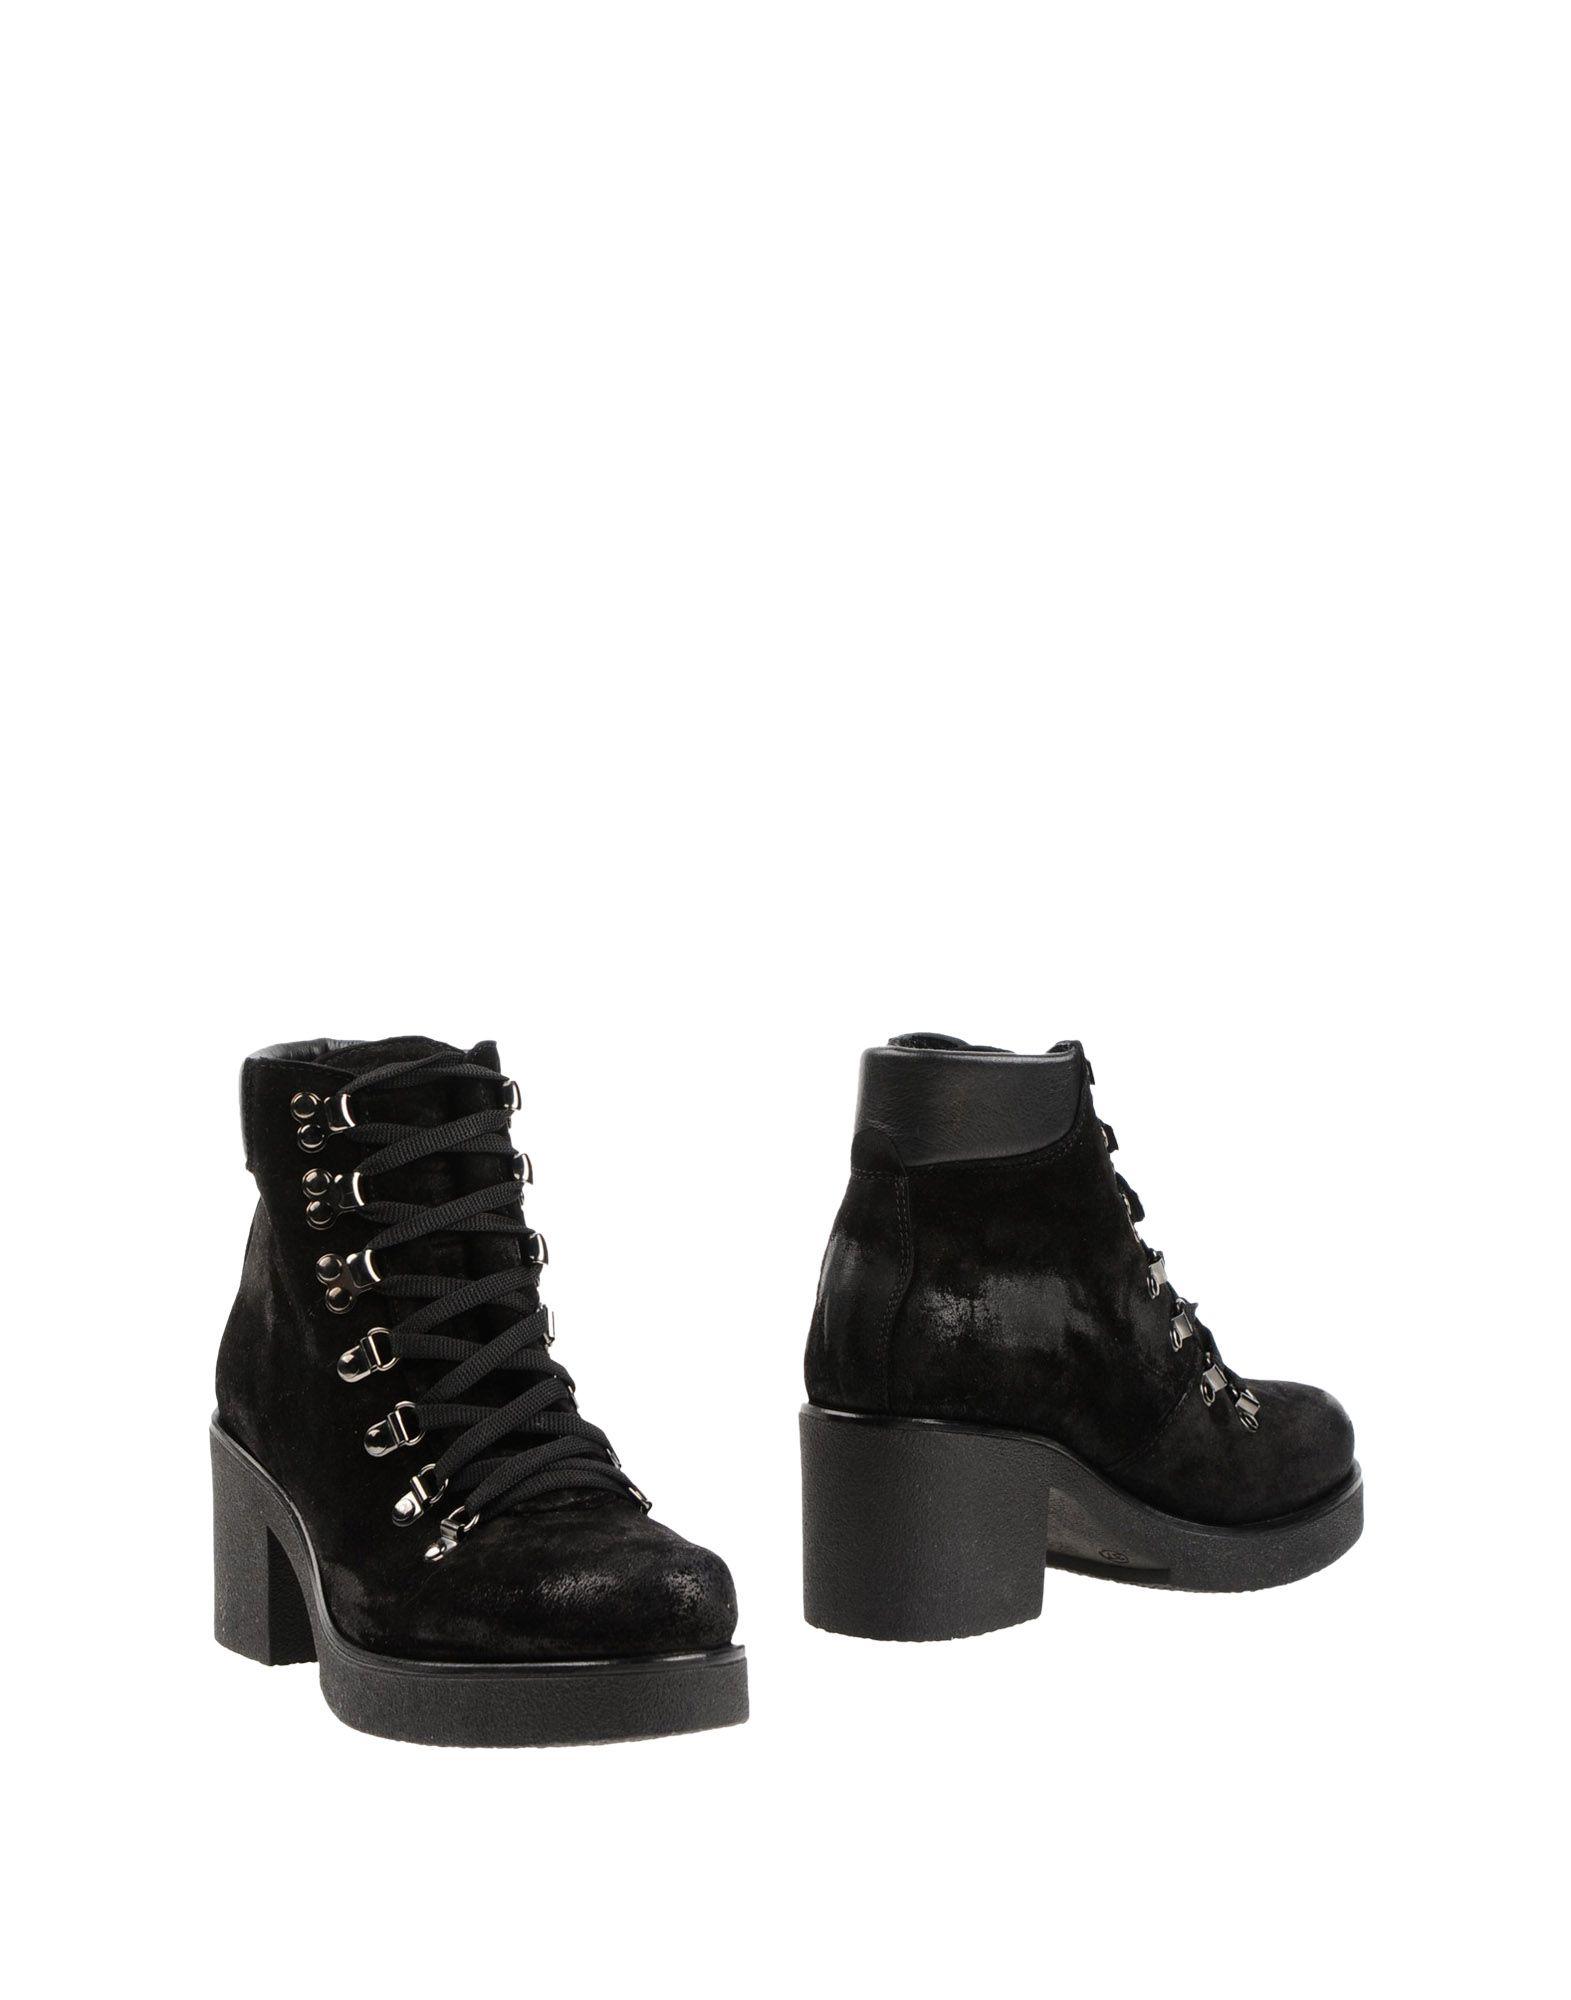 Jfk Stiefelette Damen  11397124JX Gute Qualität beliebte Schuhe